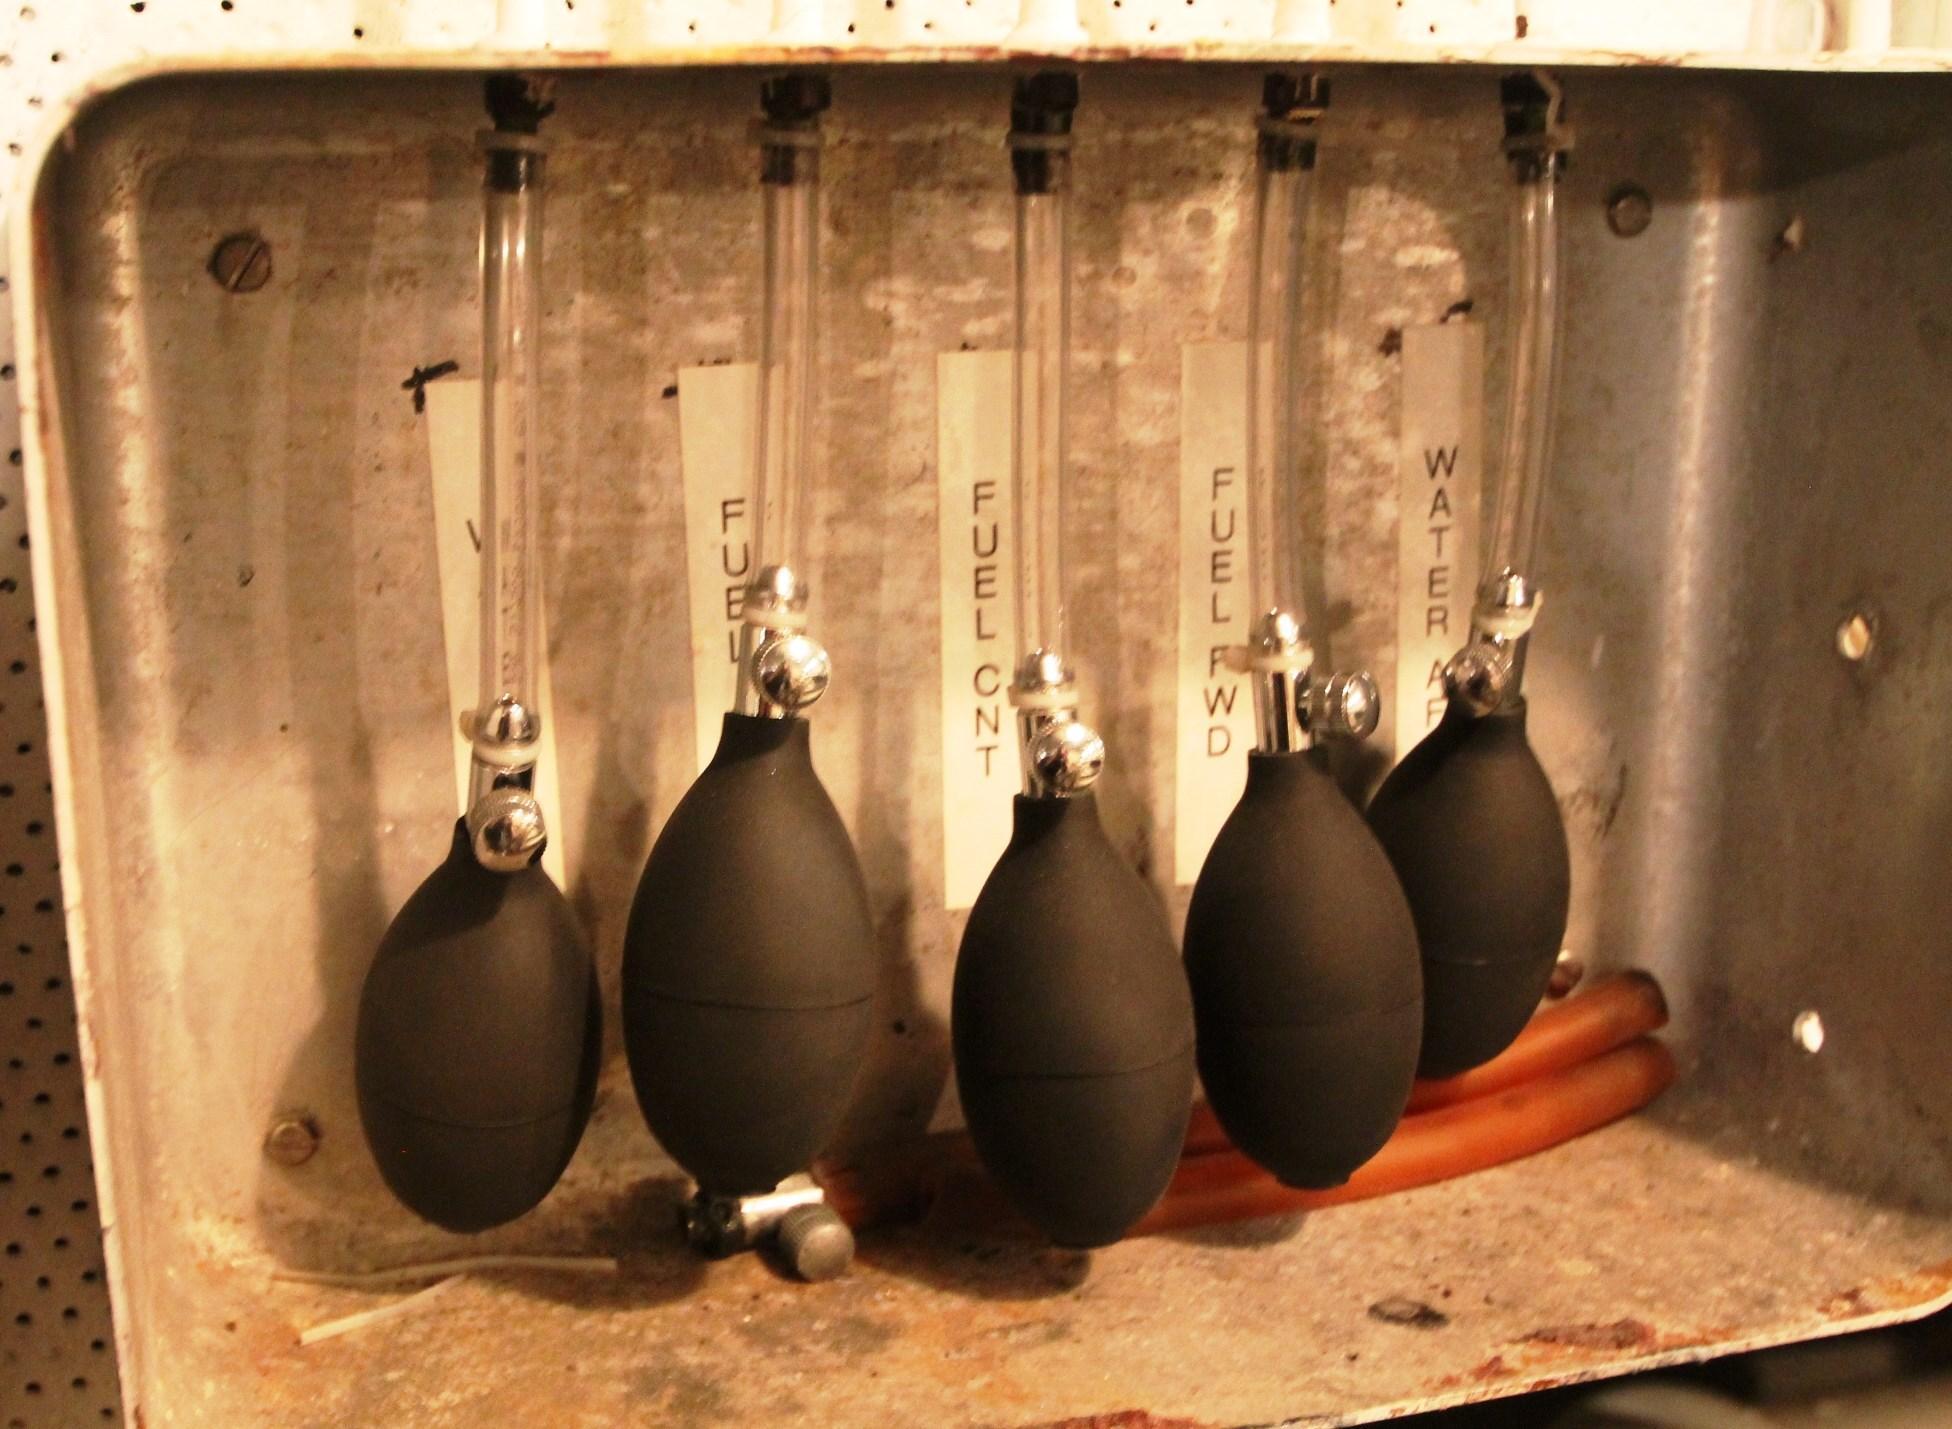 Water/Fuel Pressure Bulbs